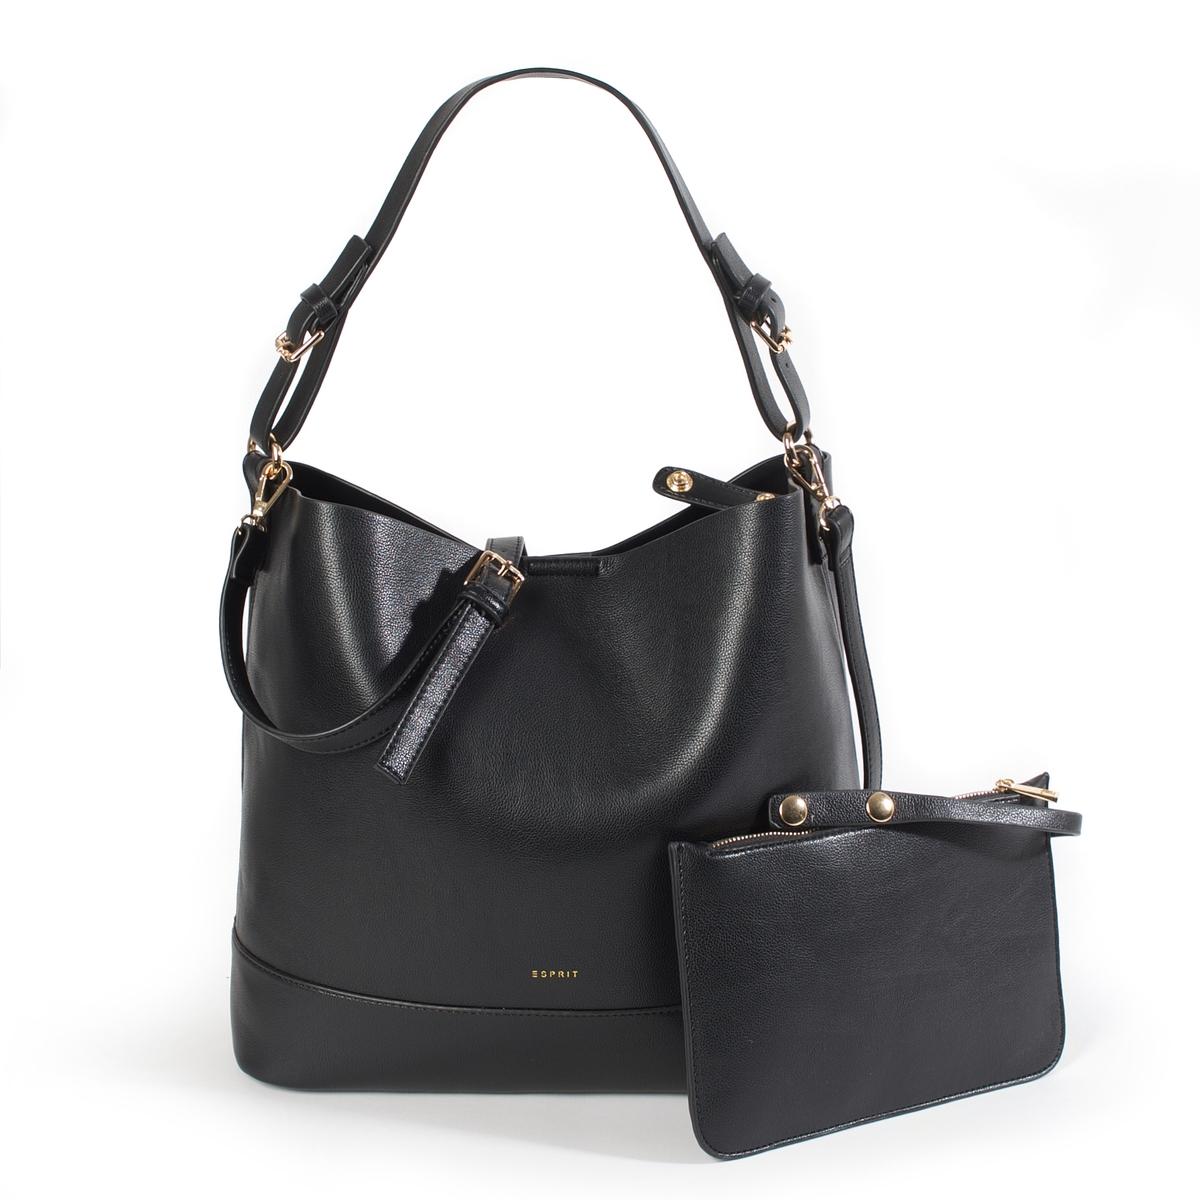 Сумка-шоппер WasimaМодная сумка Esprit с небольшой косметичкой соответствующей расцветки в красивом винтажном стиле современной интерпретации. Состав и описание :  •  Материал : верх из полиуретана                         подкладка из полиуретана  •  Марка : Esprit •  Модель : Sac Wasima hobo •  Размер : 31,5 x 32 x 12,5 см •  Застежка : на пуговицуВнутренние карманы   Съемный и регулируемый ремешокСоответствующая косметичка на молнии<br><br>Цвет: черный